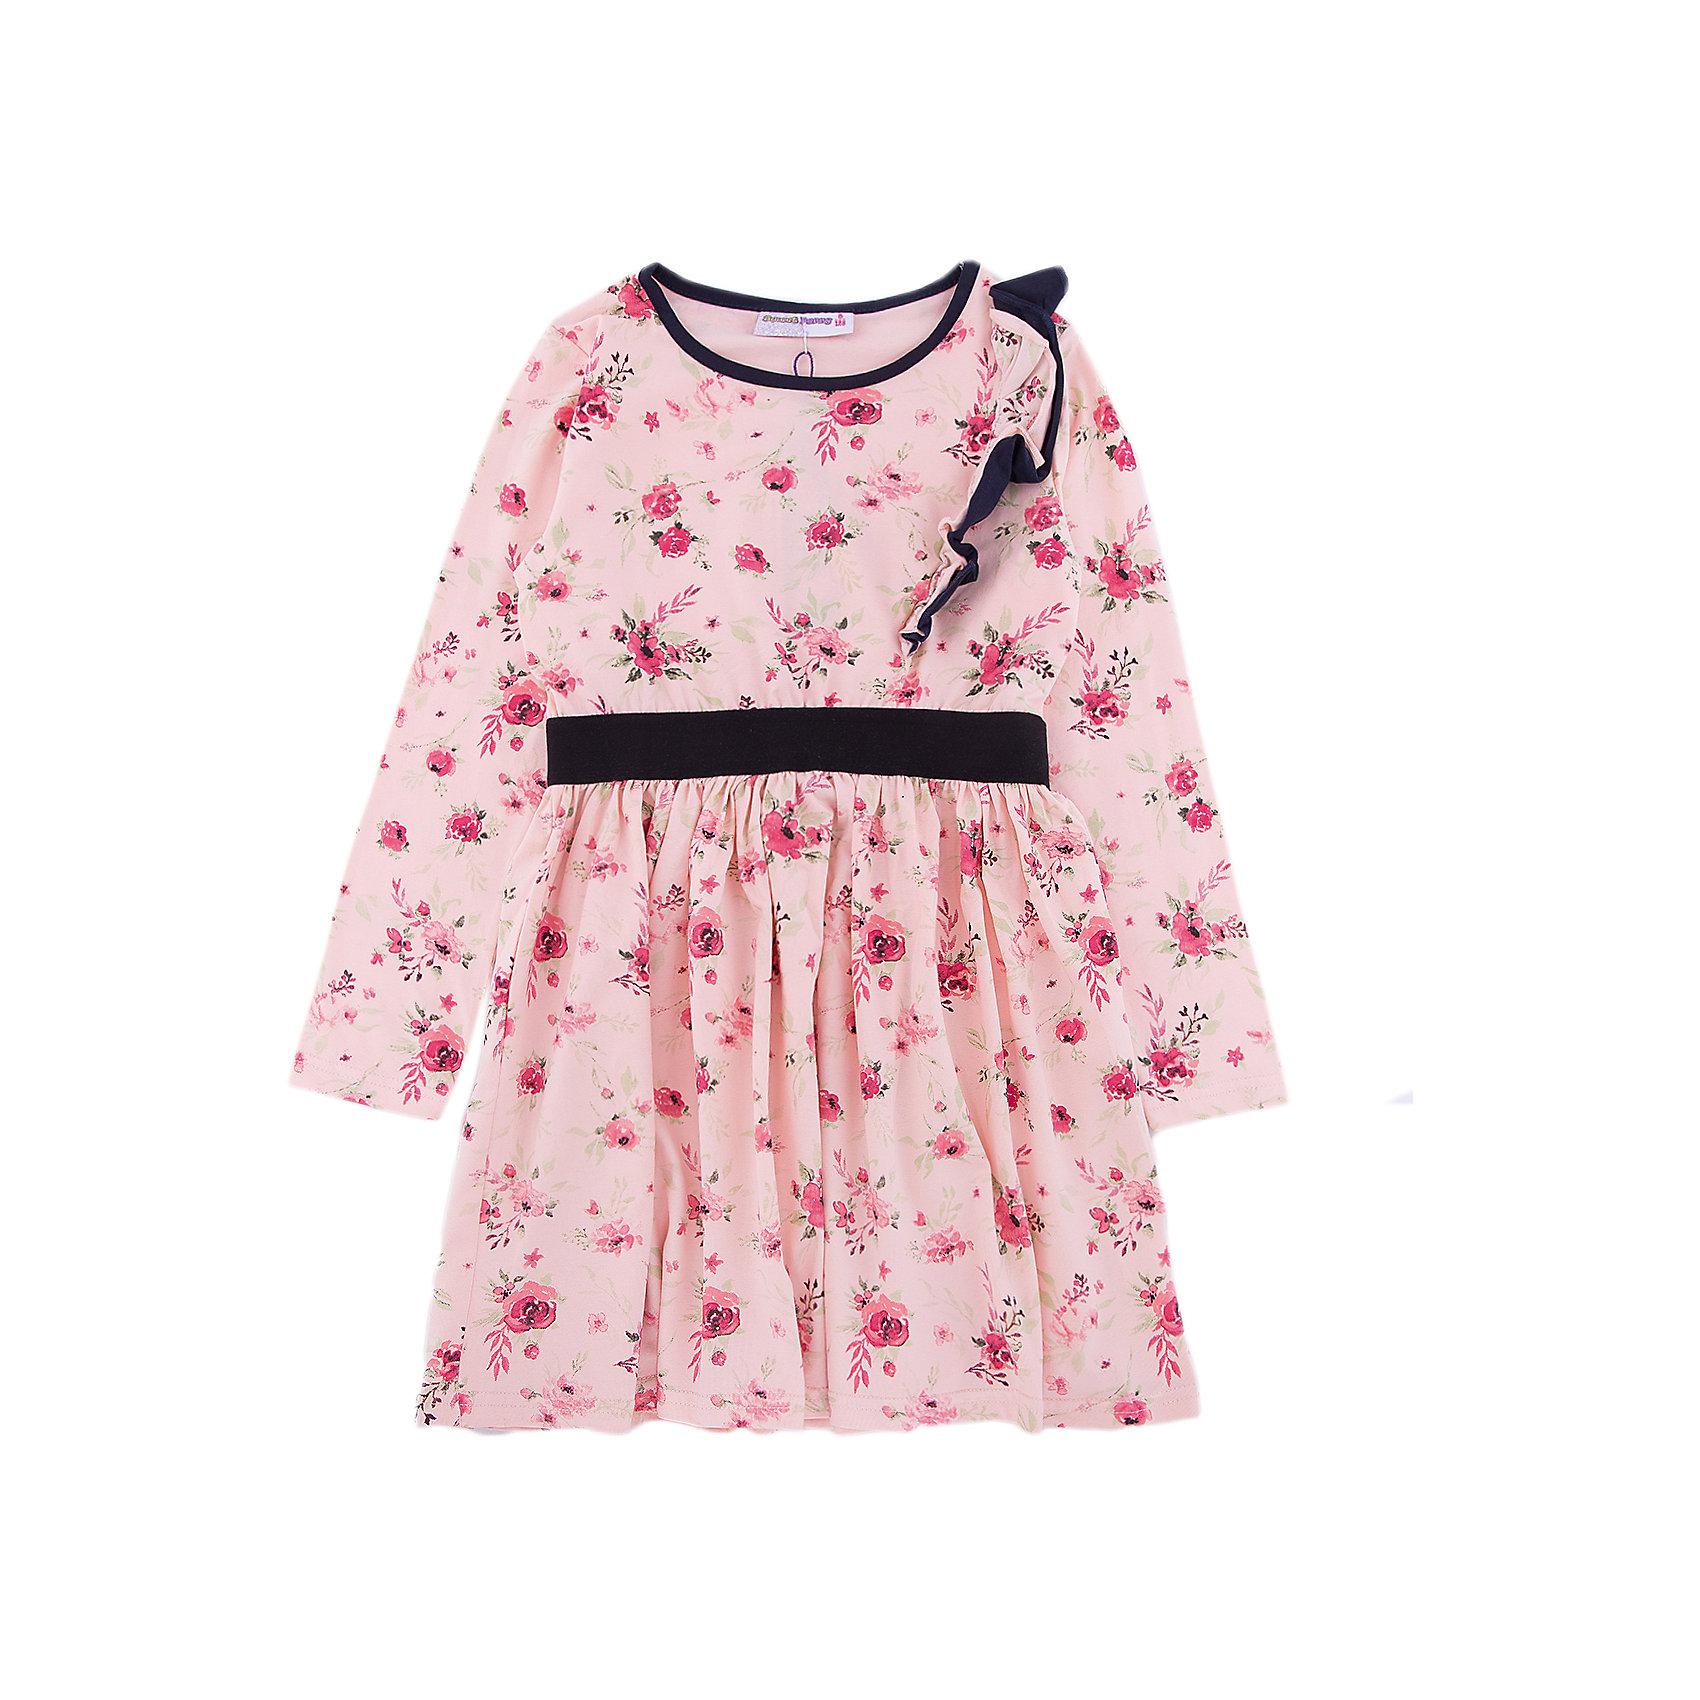 Платье Sweet Berry для девочкиОсенне-зимние платья и сарафаны<br>Платье Sweet Berry для девочки<br><br>Состав:<br>95% хлопок, 5% эластан<br><br>Ширина мм: 236<br>Глубина мм: 16<br>Высота мм: 184<br>Вес г: 177<br>Цвет: оранжевый<br>Возраст от месяцев: 84<br>Возраст до месяцев: 96<br>Пол: Женский<br>Возраст: Детский<br>Размер: 128,98,104,110,116,122<br>SKU: 7096823